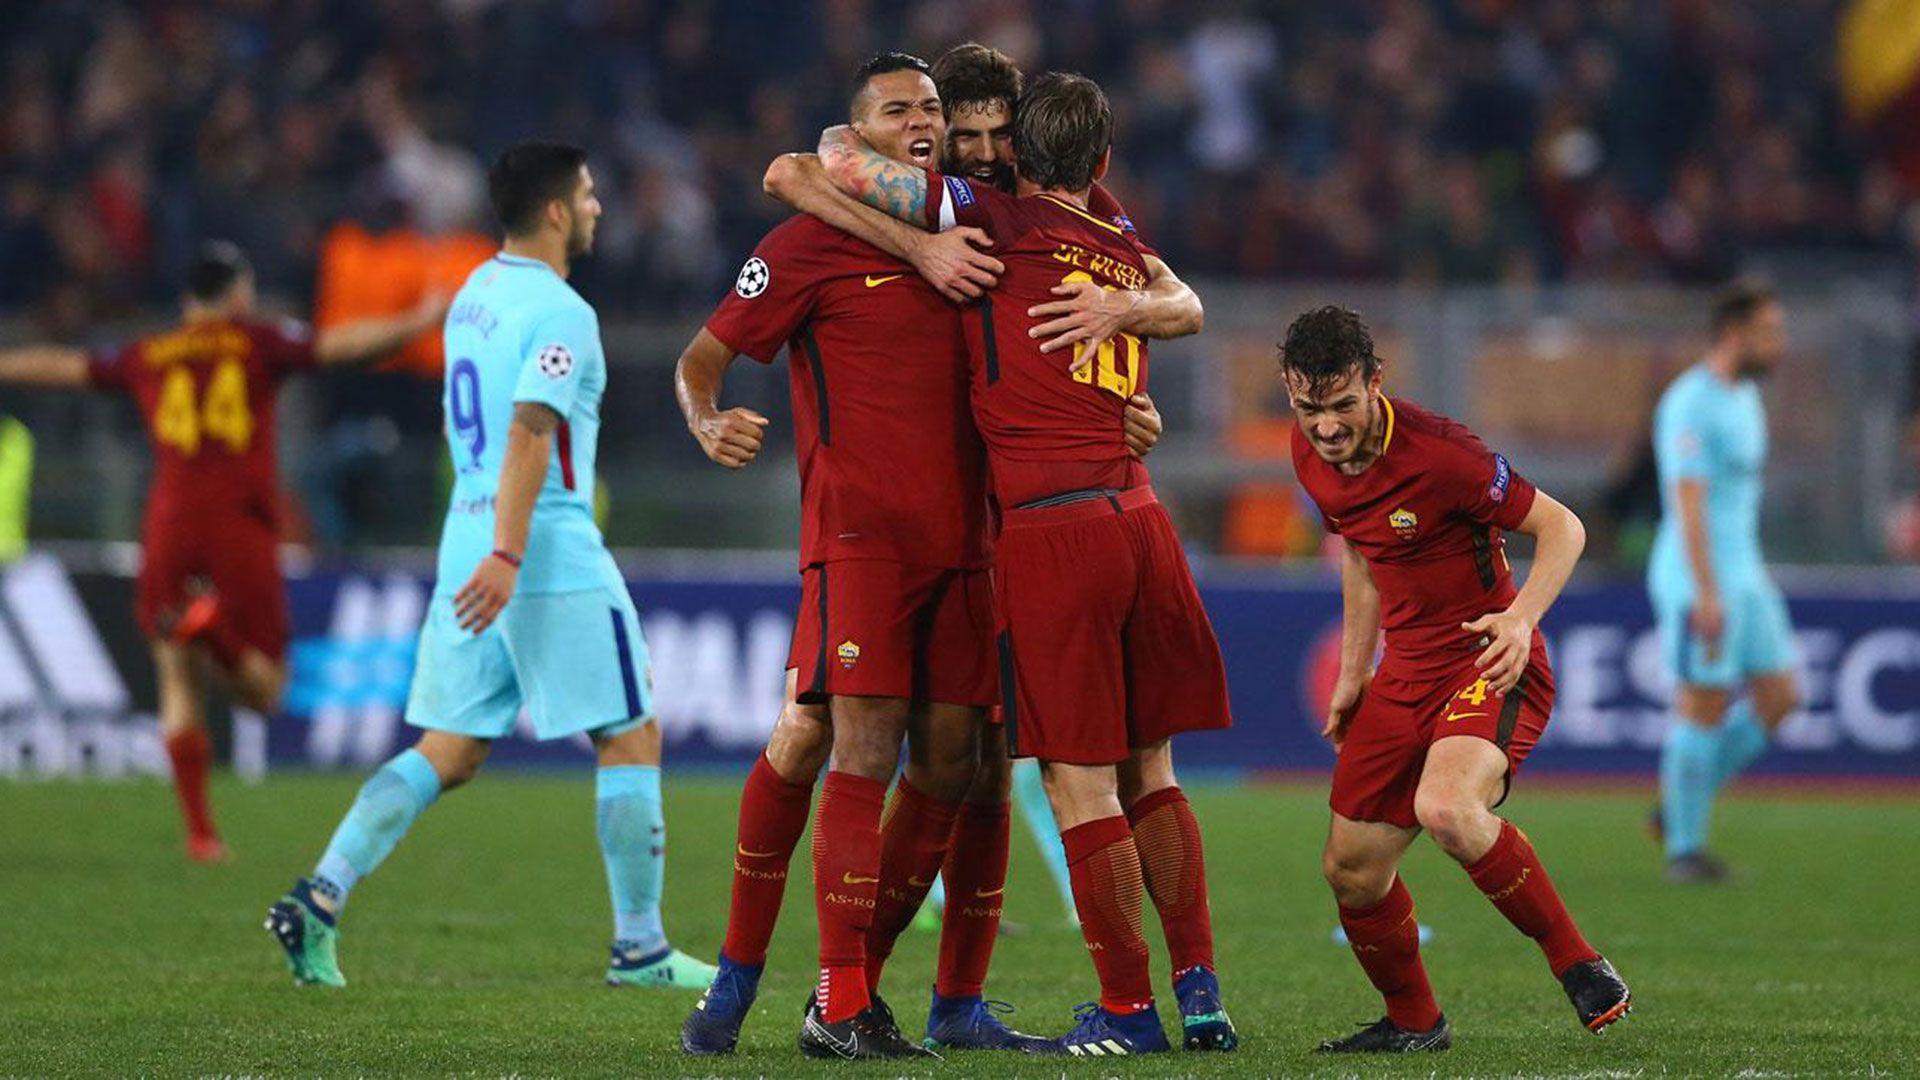 El Barcelona sufrió su primera dura derrota en el Olímpico de Roma